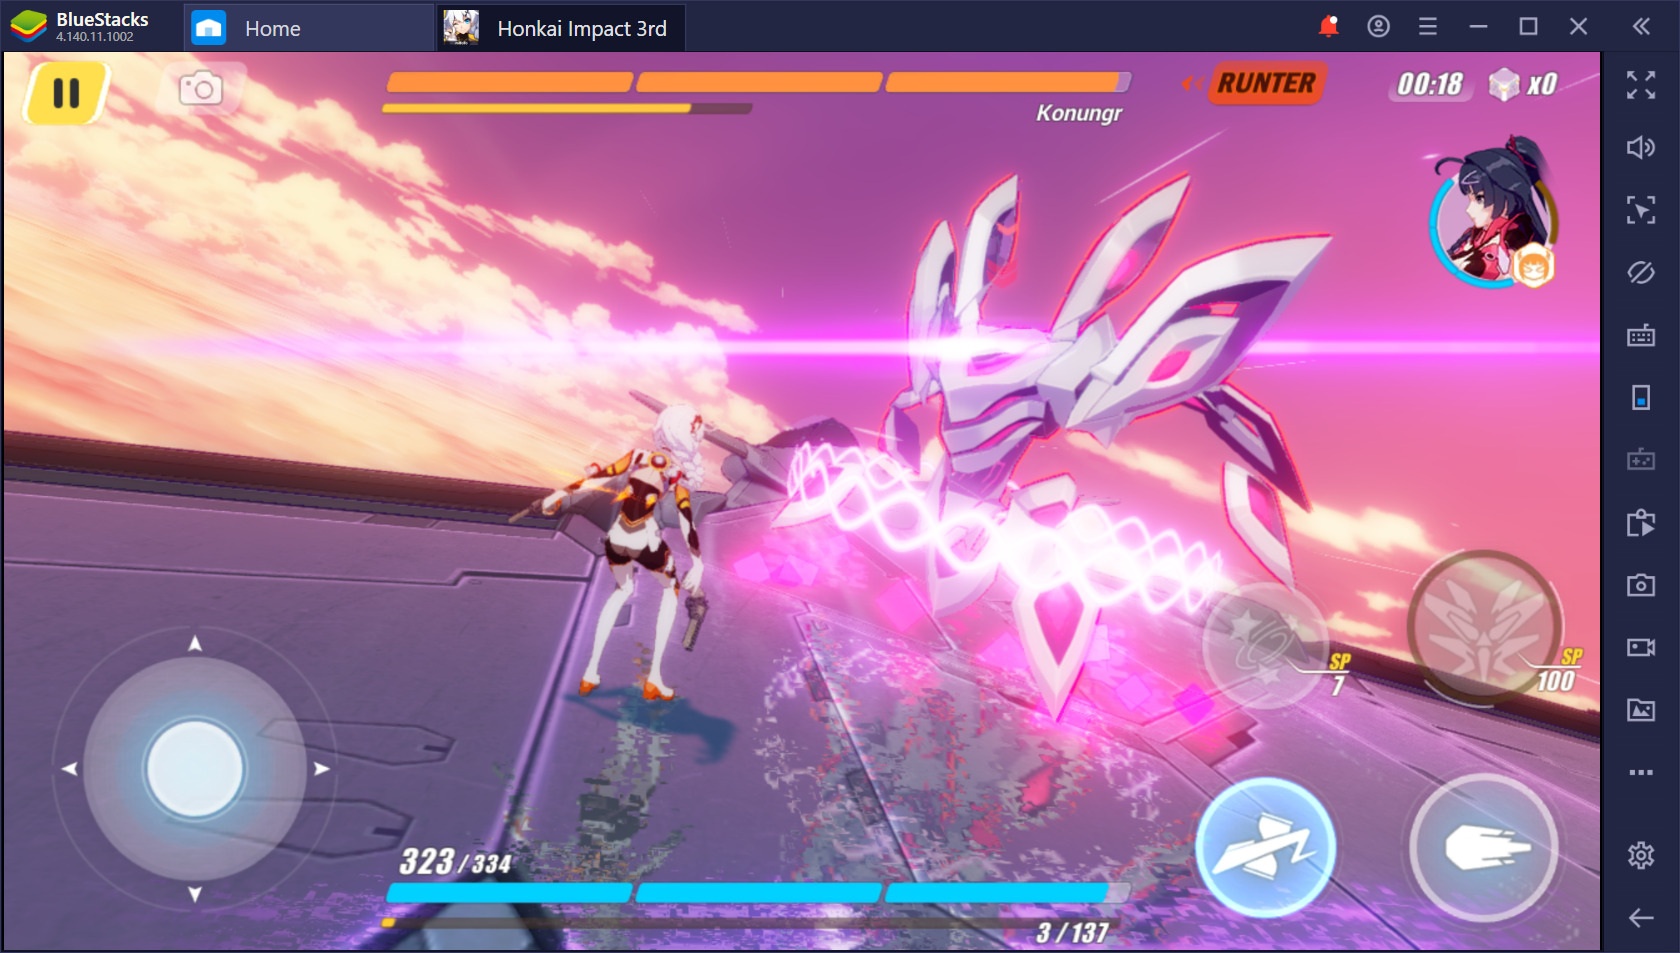 Honkai Impact 3rd – Das beste Action-Spiel auf BlueStacks?